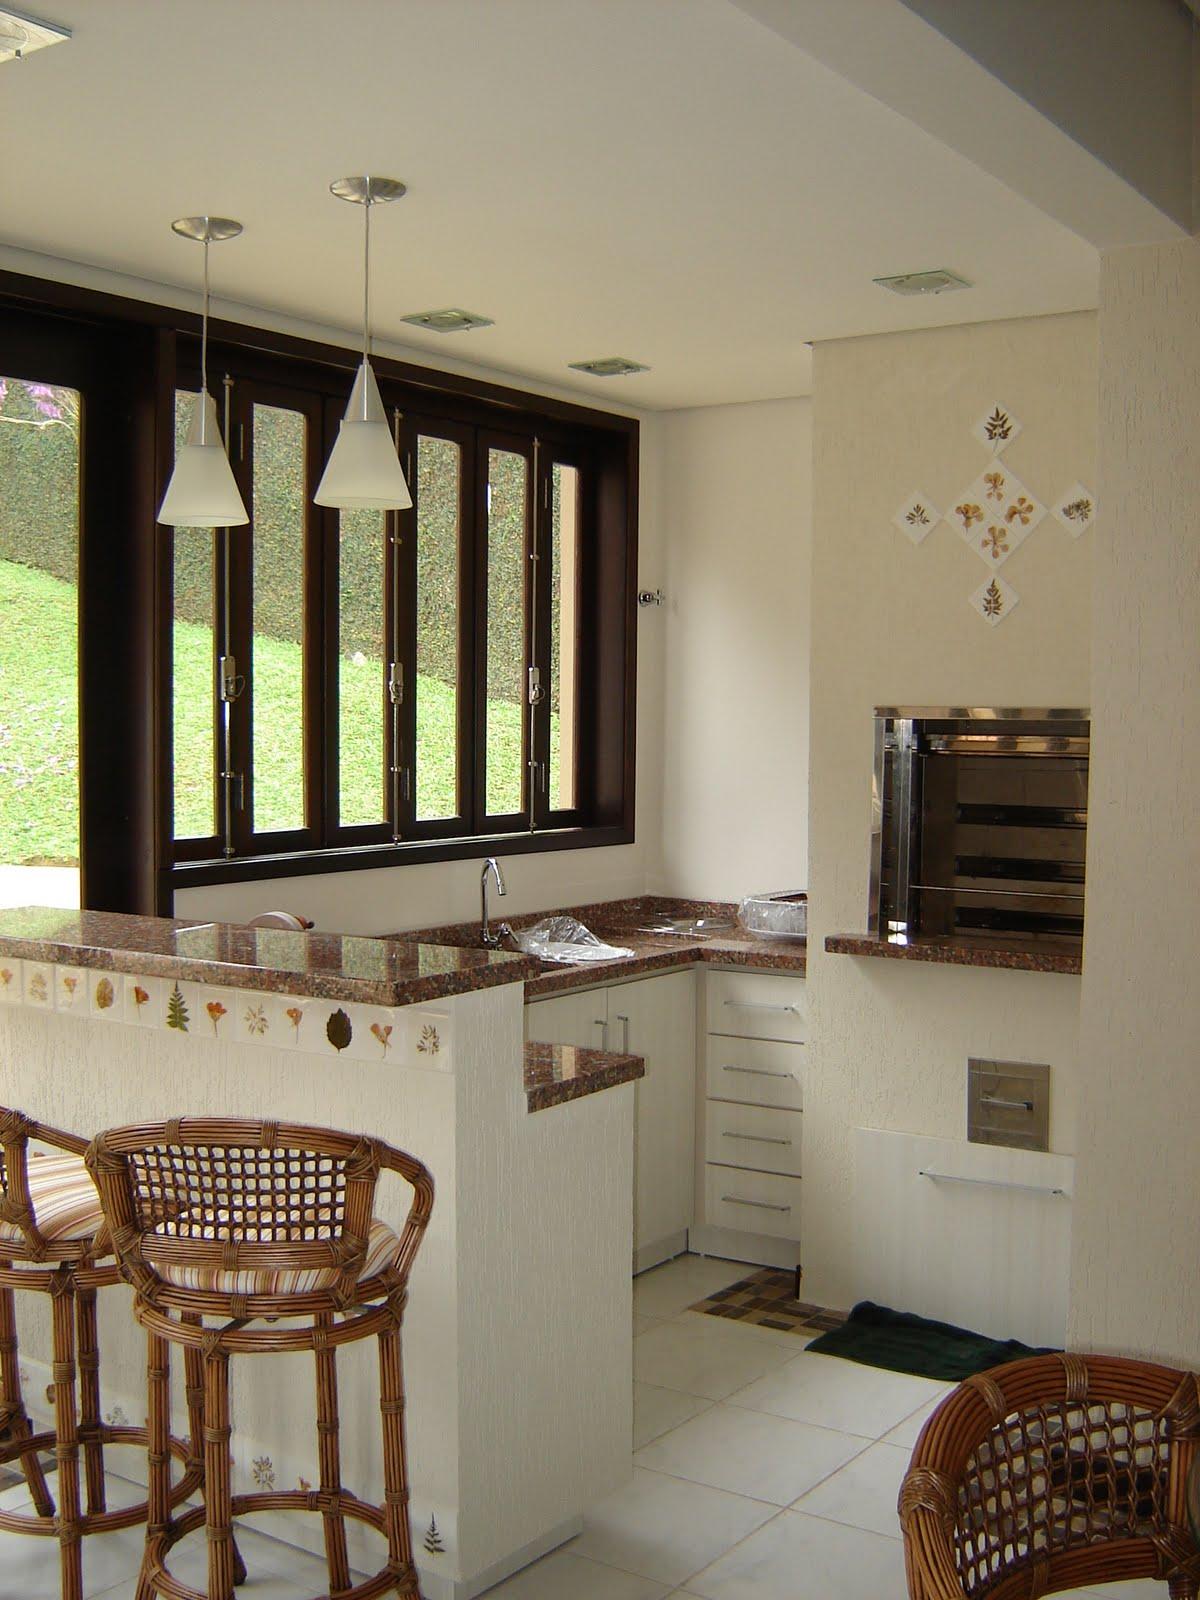 sobrado arquitetura reformas interiores de casas